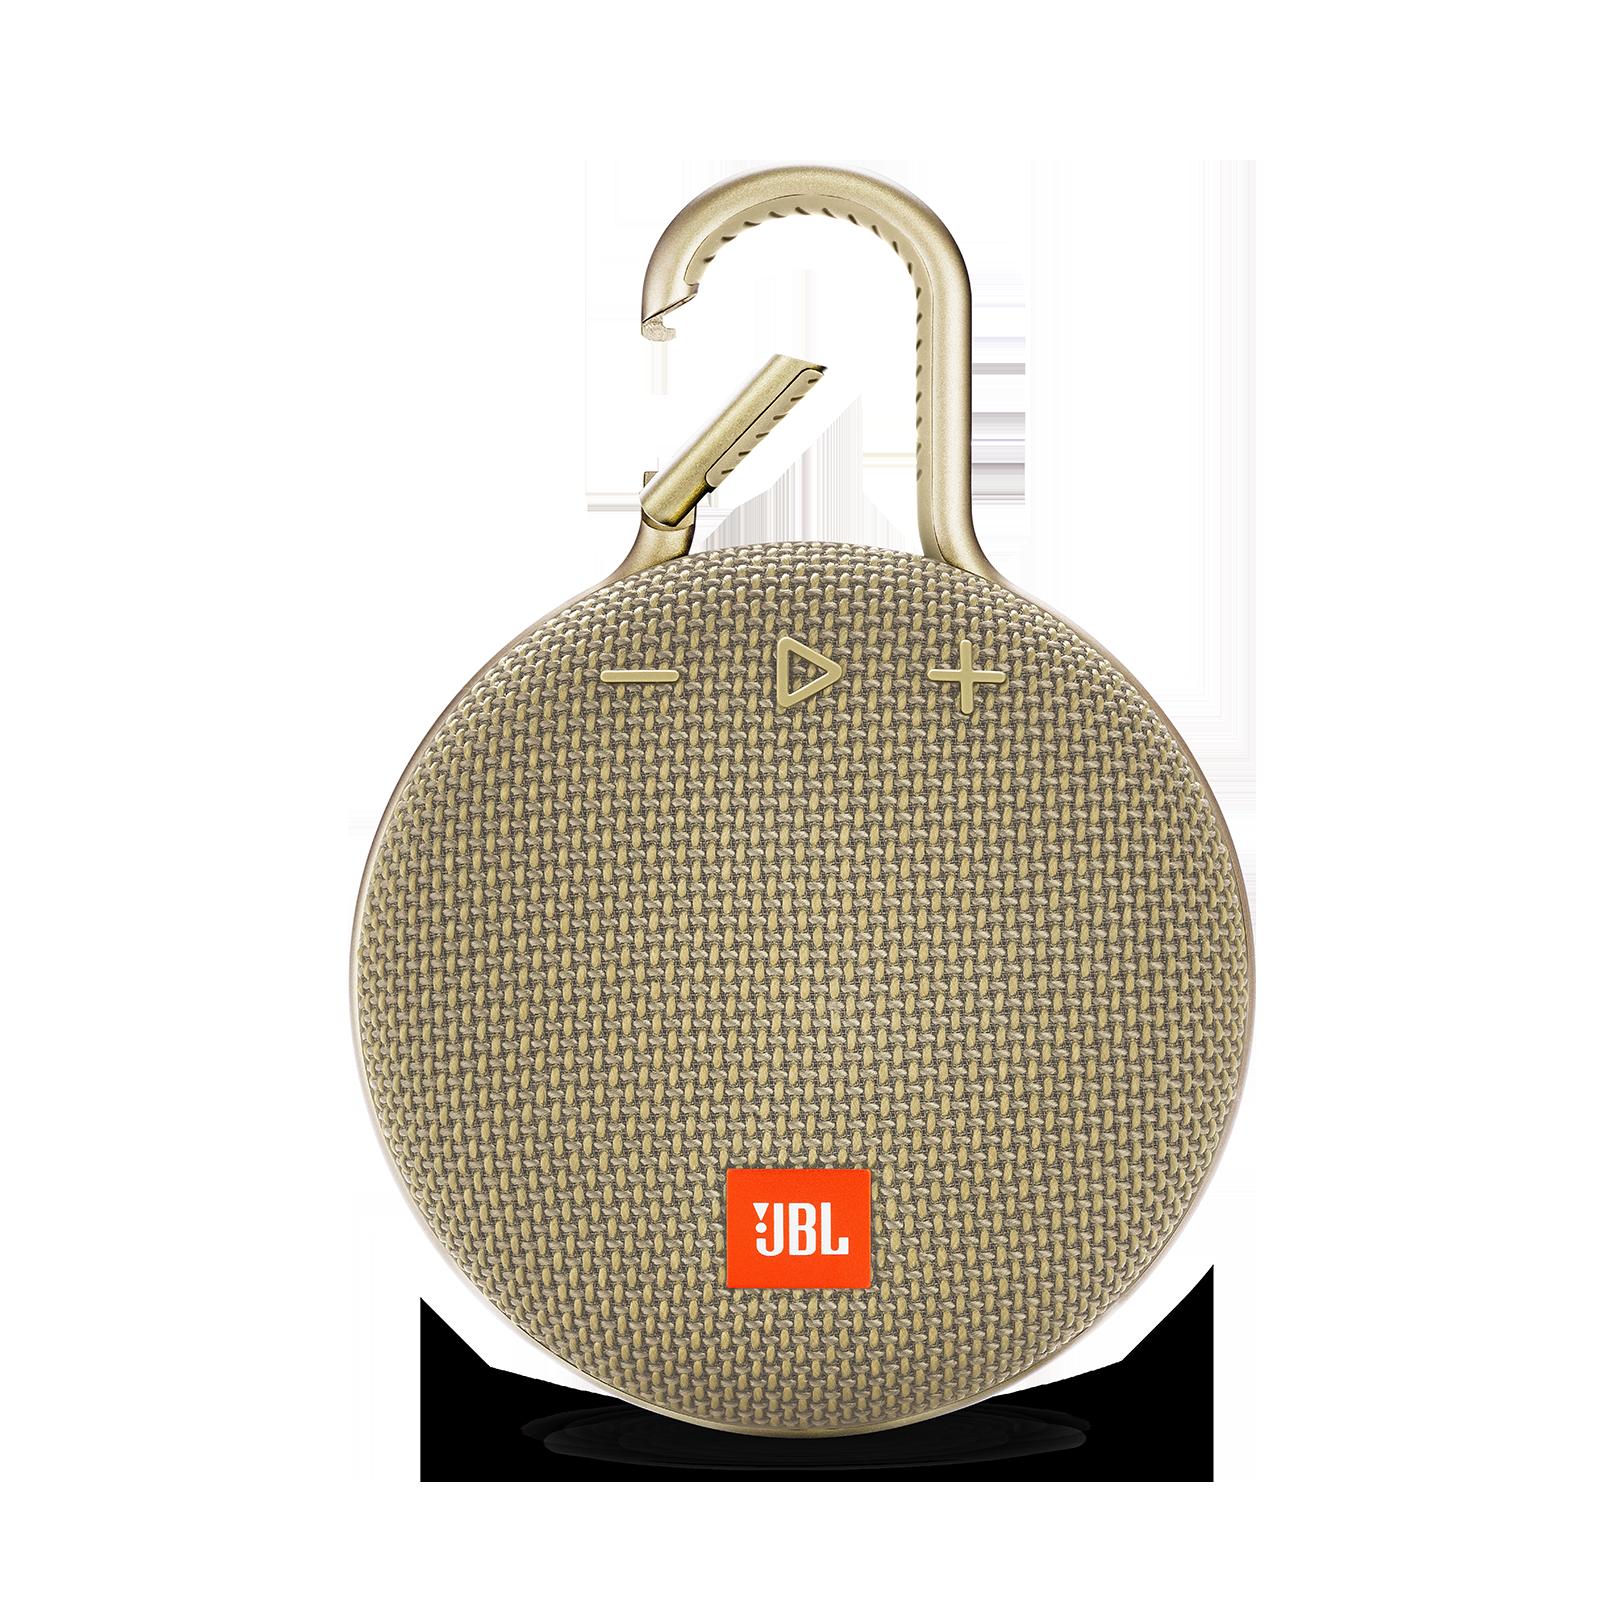 JBL CLIP 3 - Desert Sand - Portable Bluetooth® speaker - Front